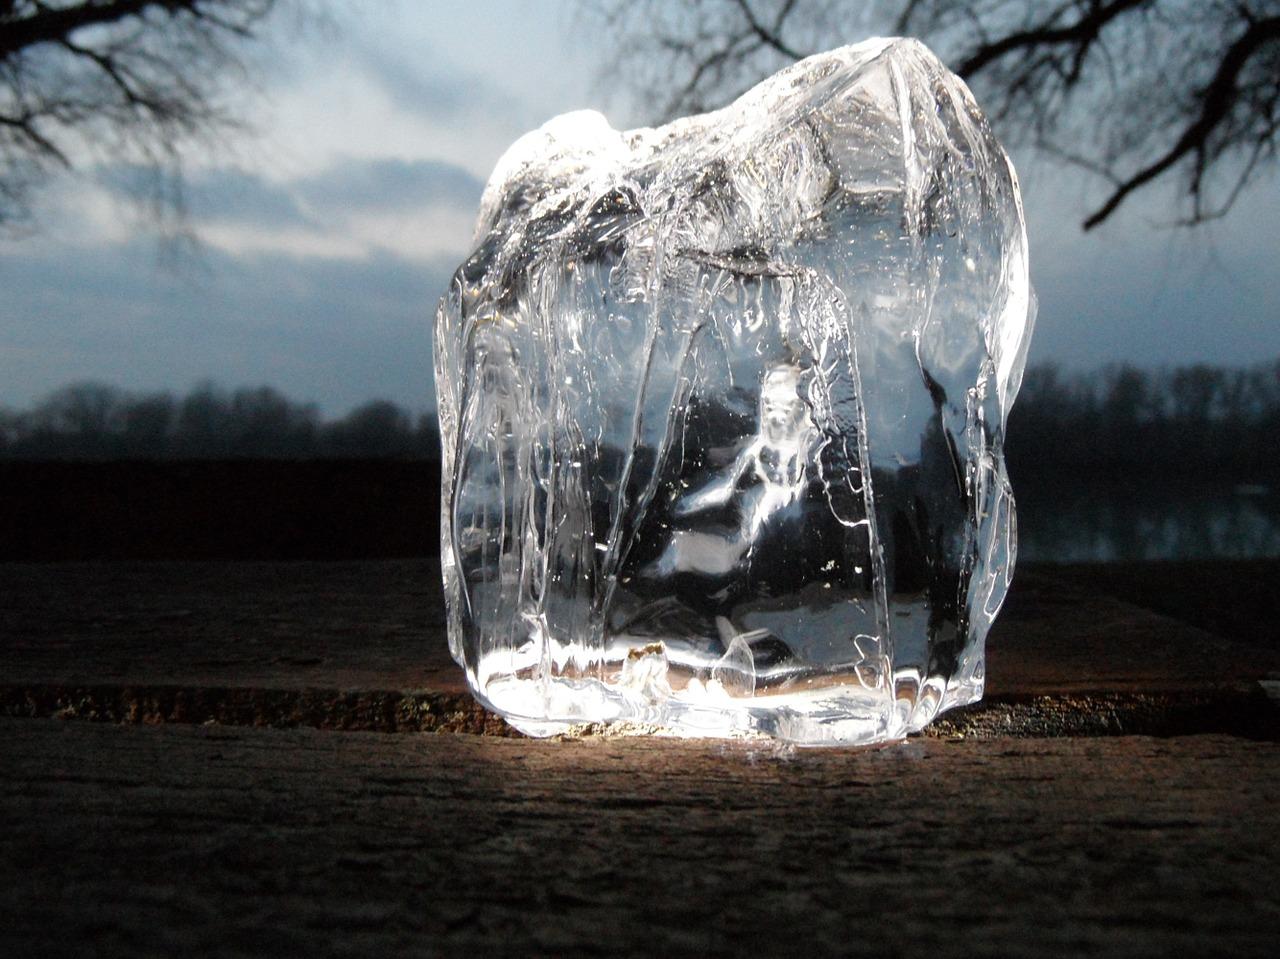 kako-se-voda-pretvara-u-led-kako-hr